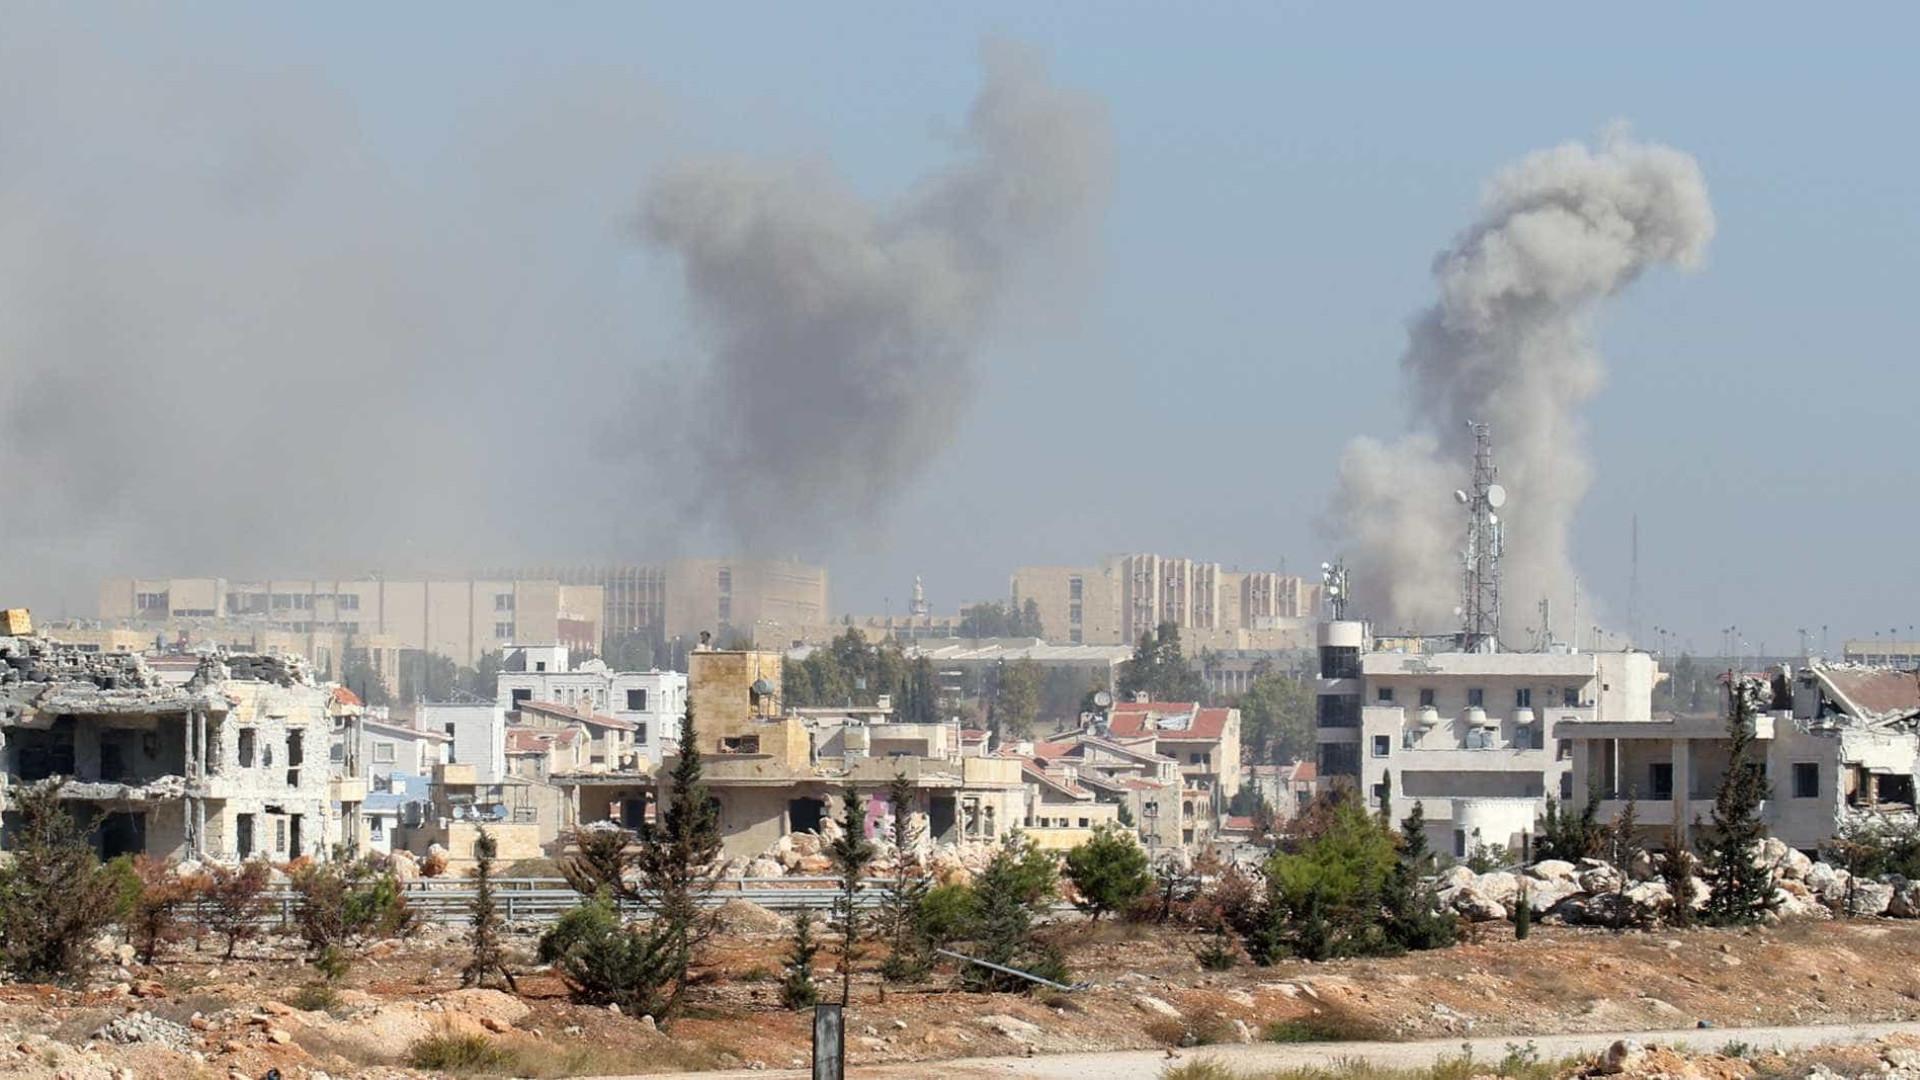 Situação crítica em Alepo motiva reunião urgente do Conselho de Segurança